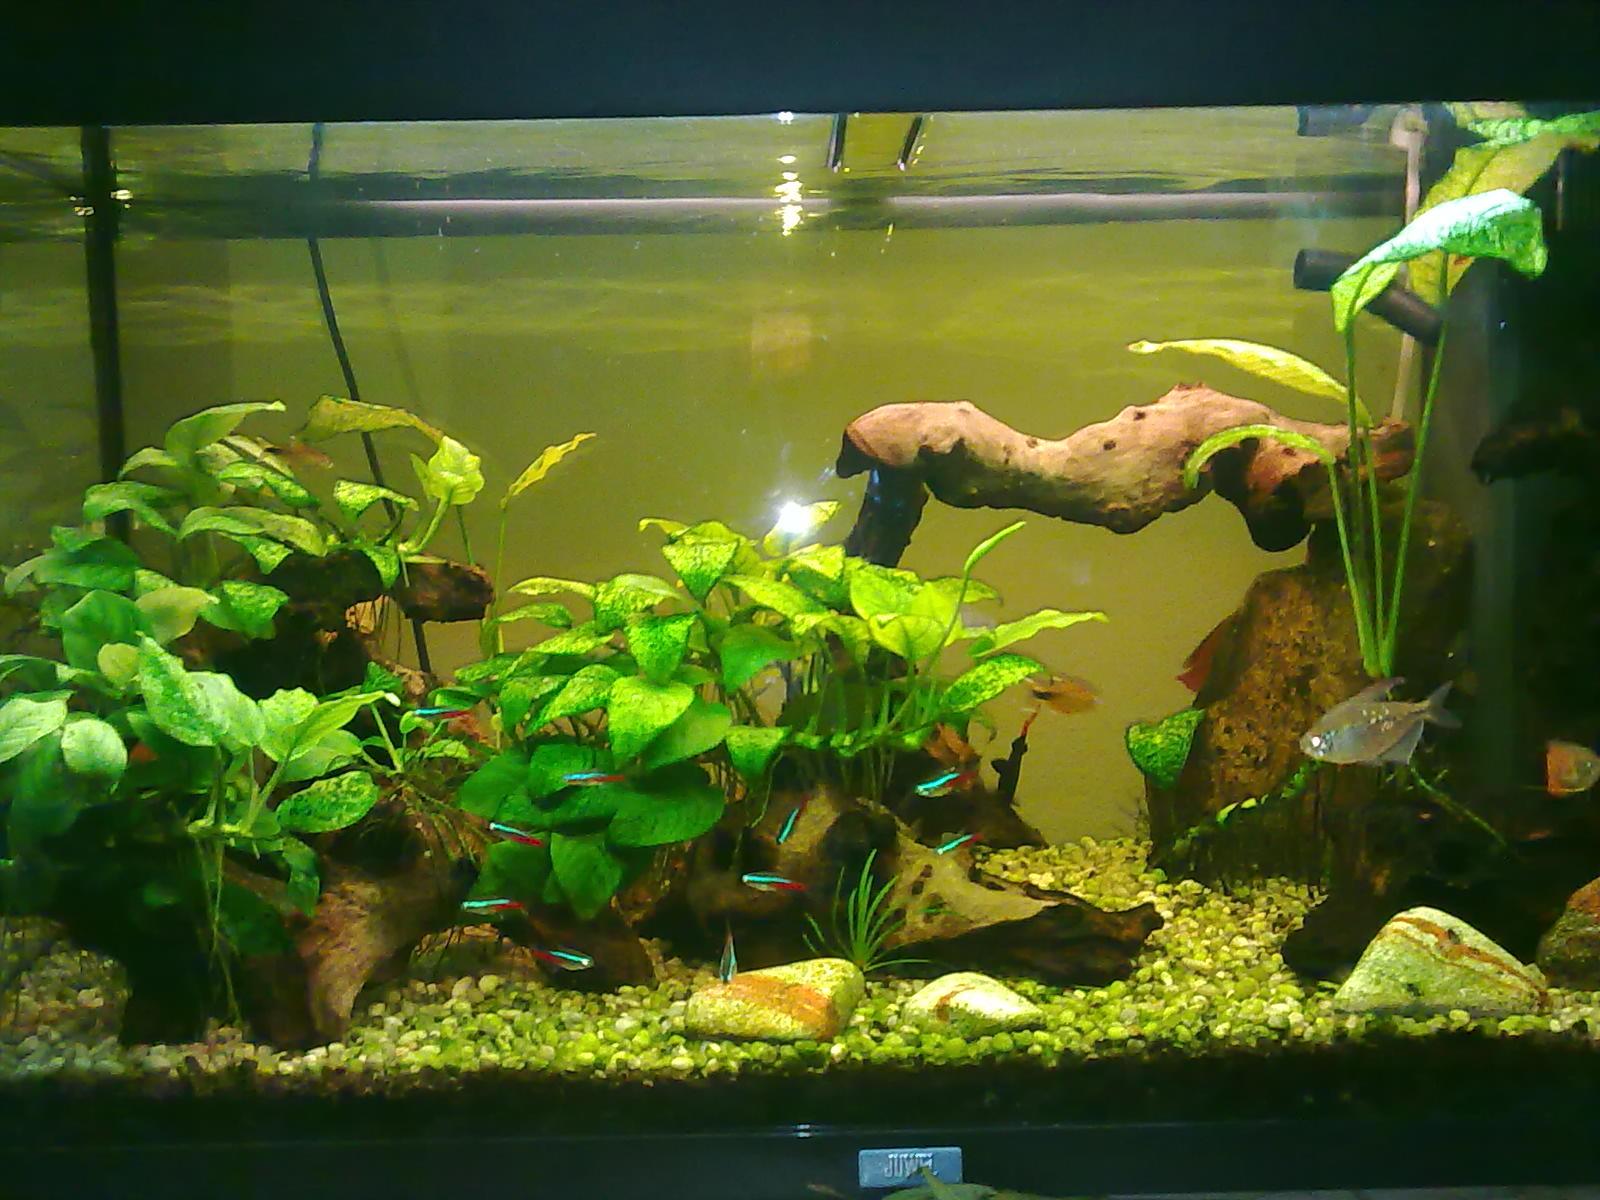 L acquario di ivano con anubias e pesci tropicali tanti for Acqua acquario